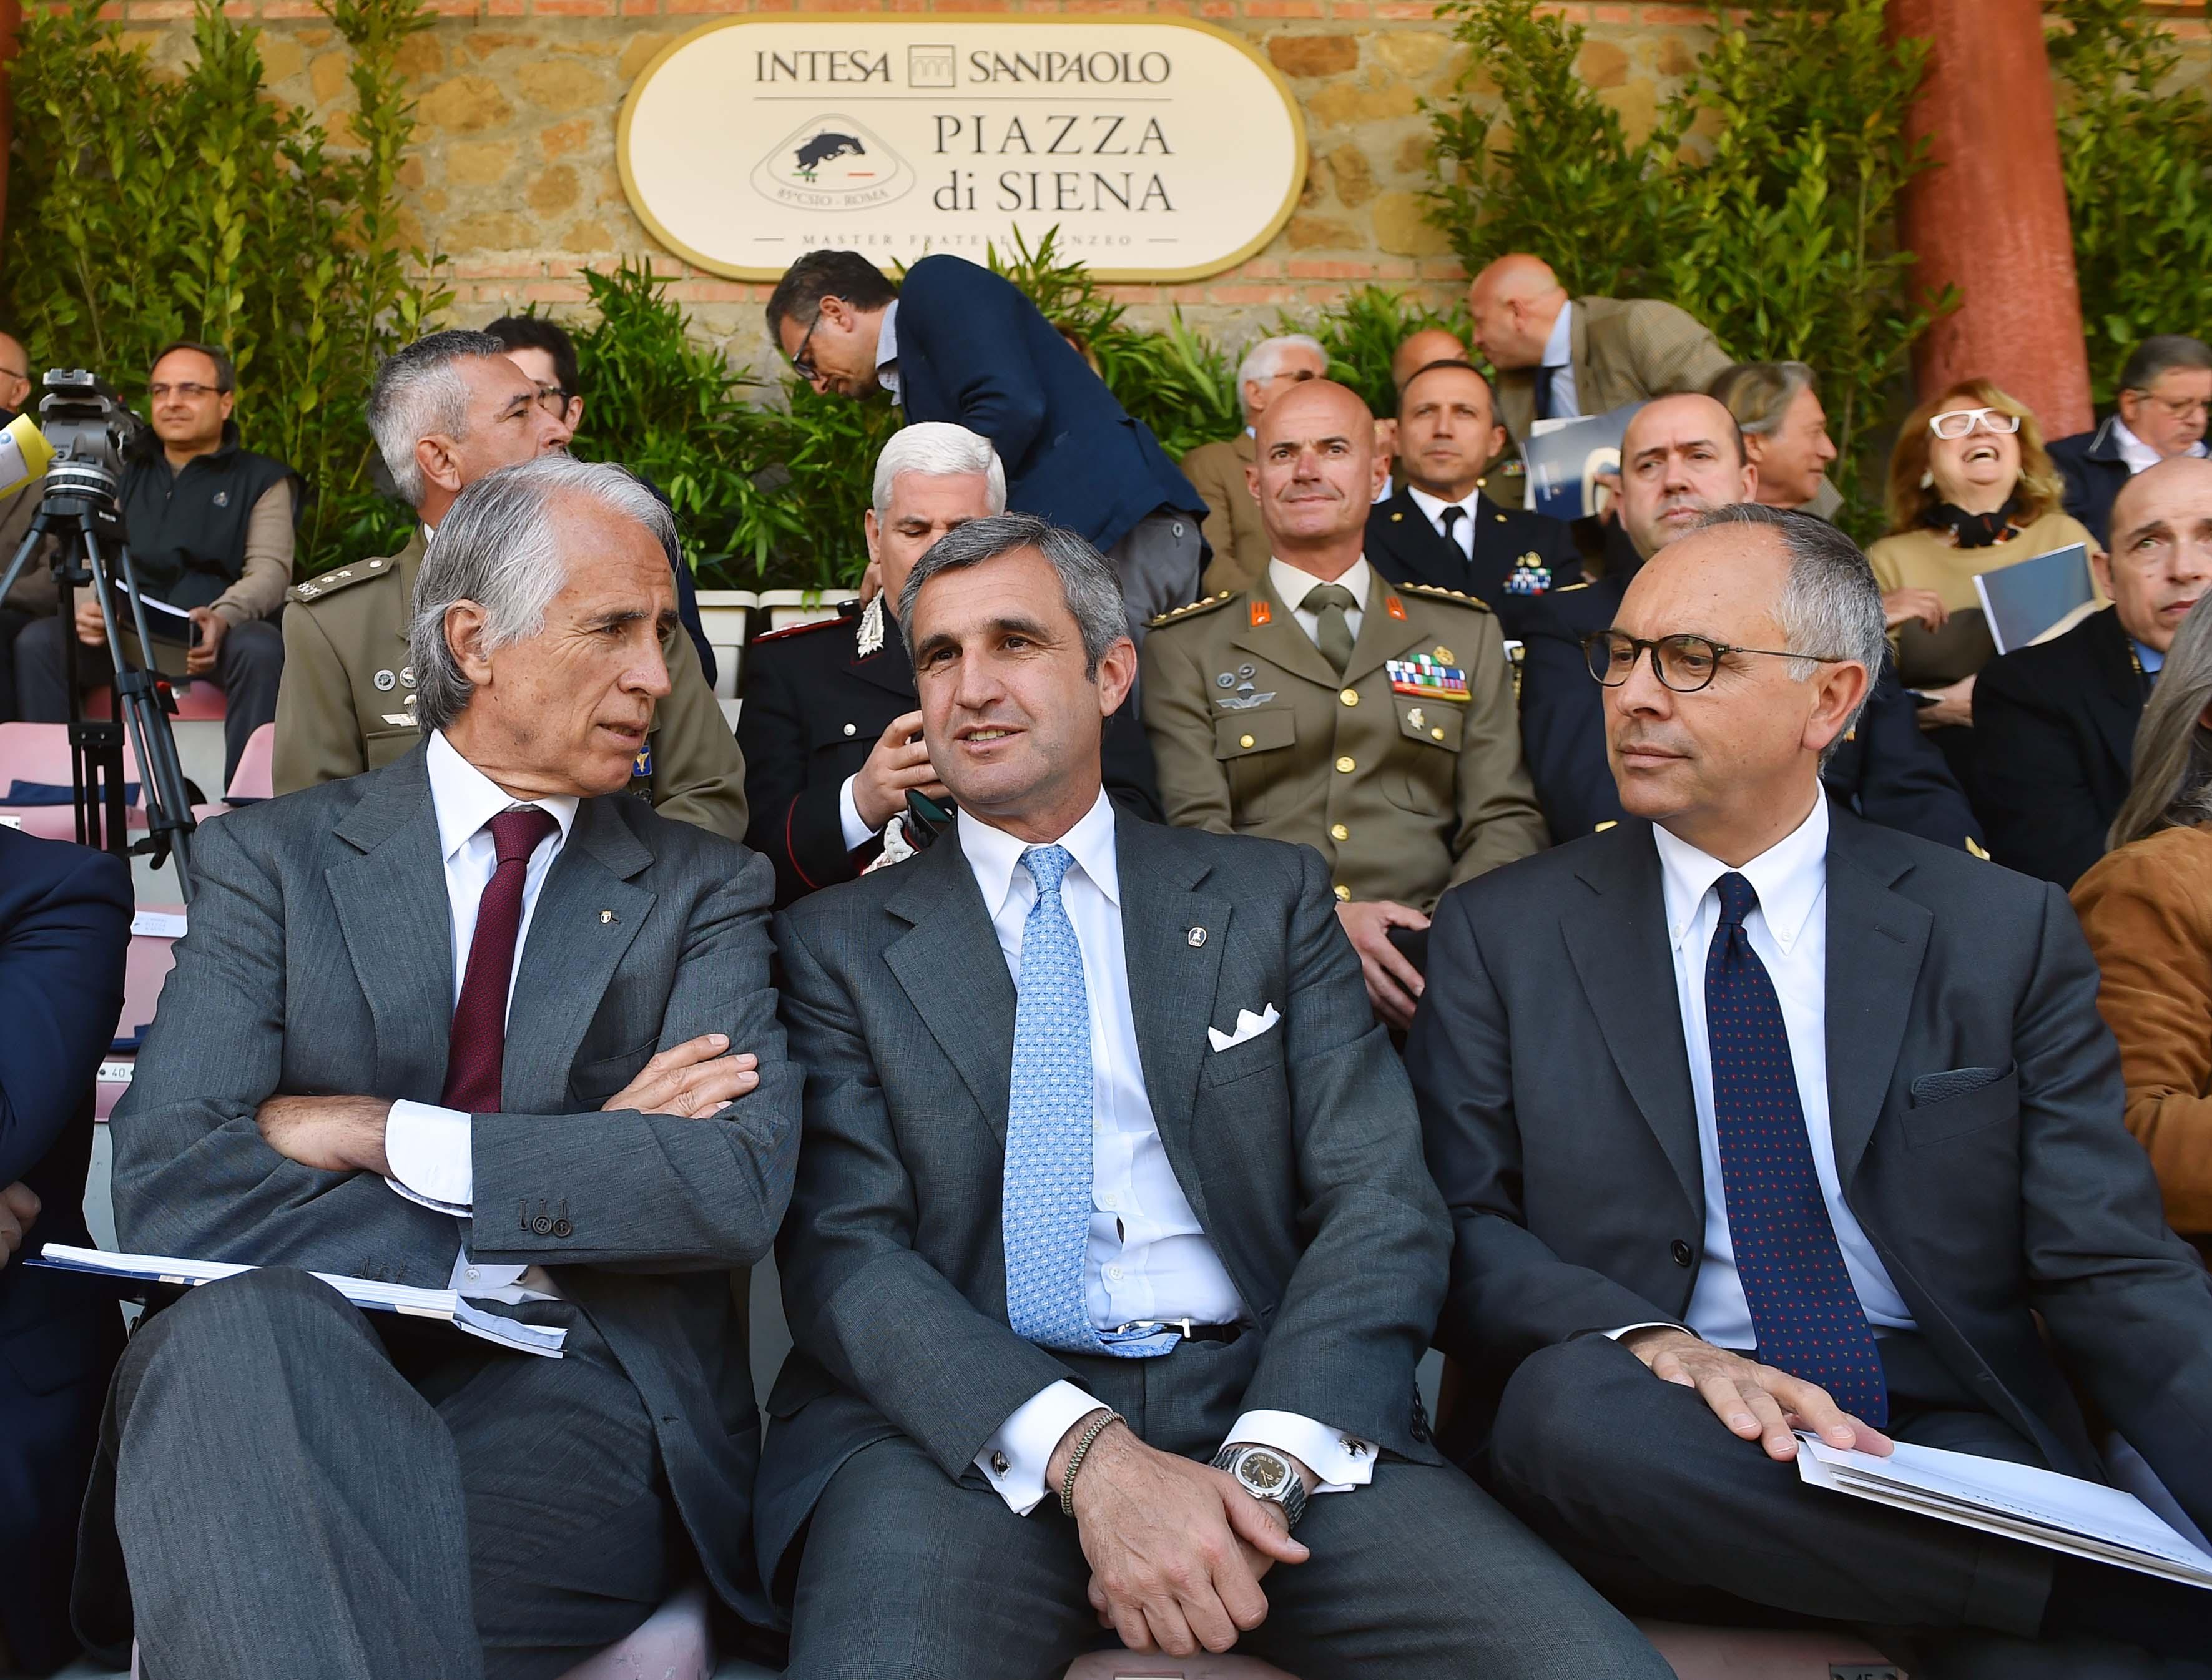 170503008 Piazza Di Siena Conf - Foto Simone Ferraro